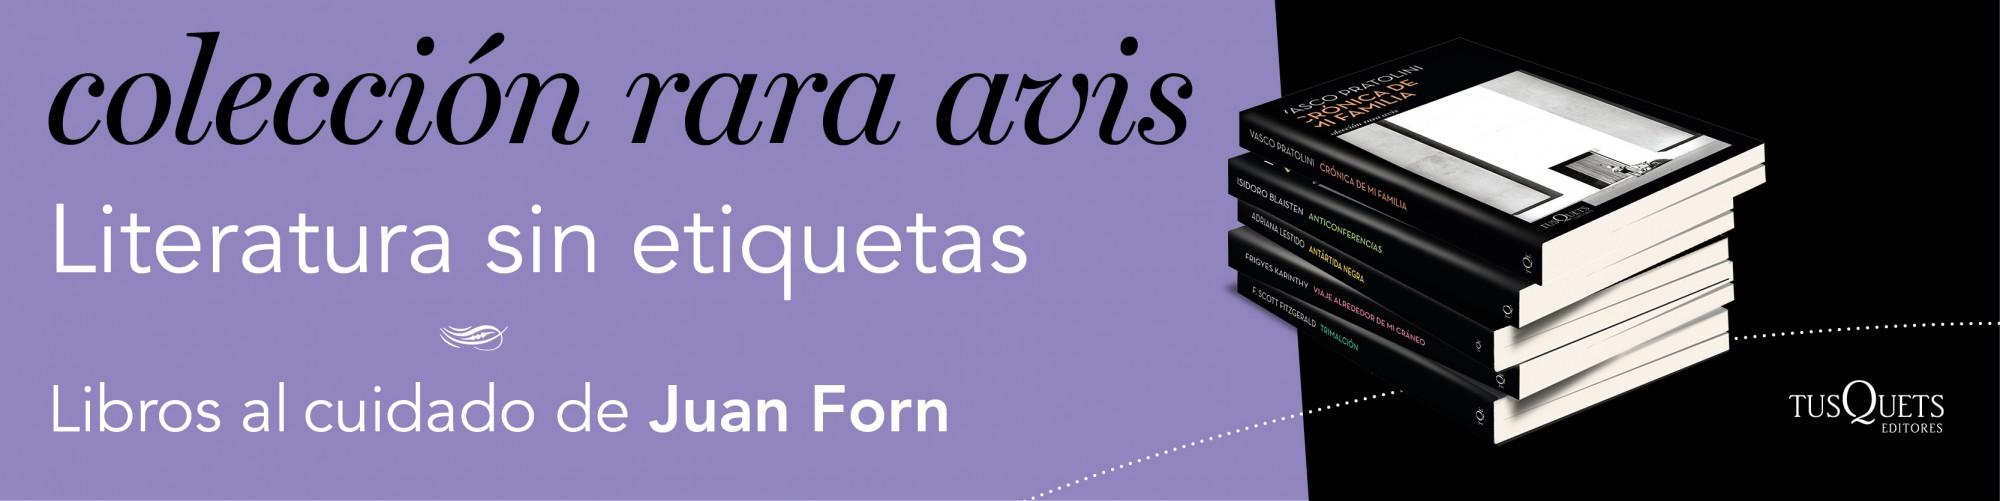 1615_1_Banner_Newsletter_RARA_AVIS_800x200.jpg